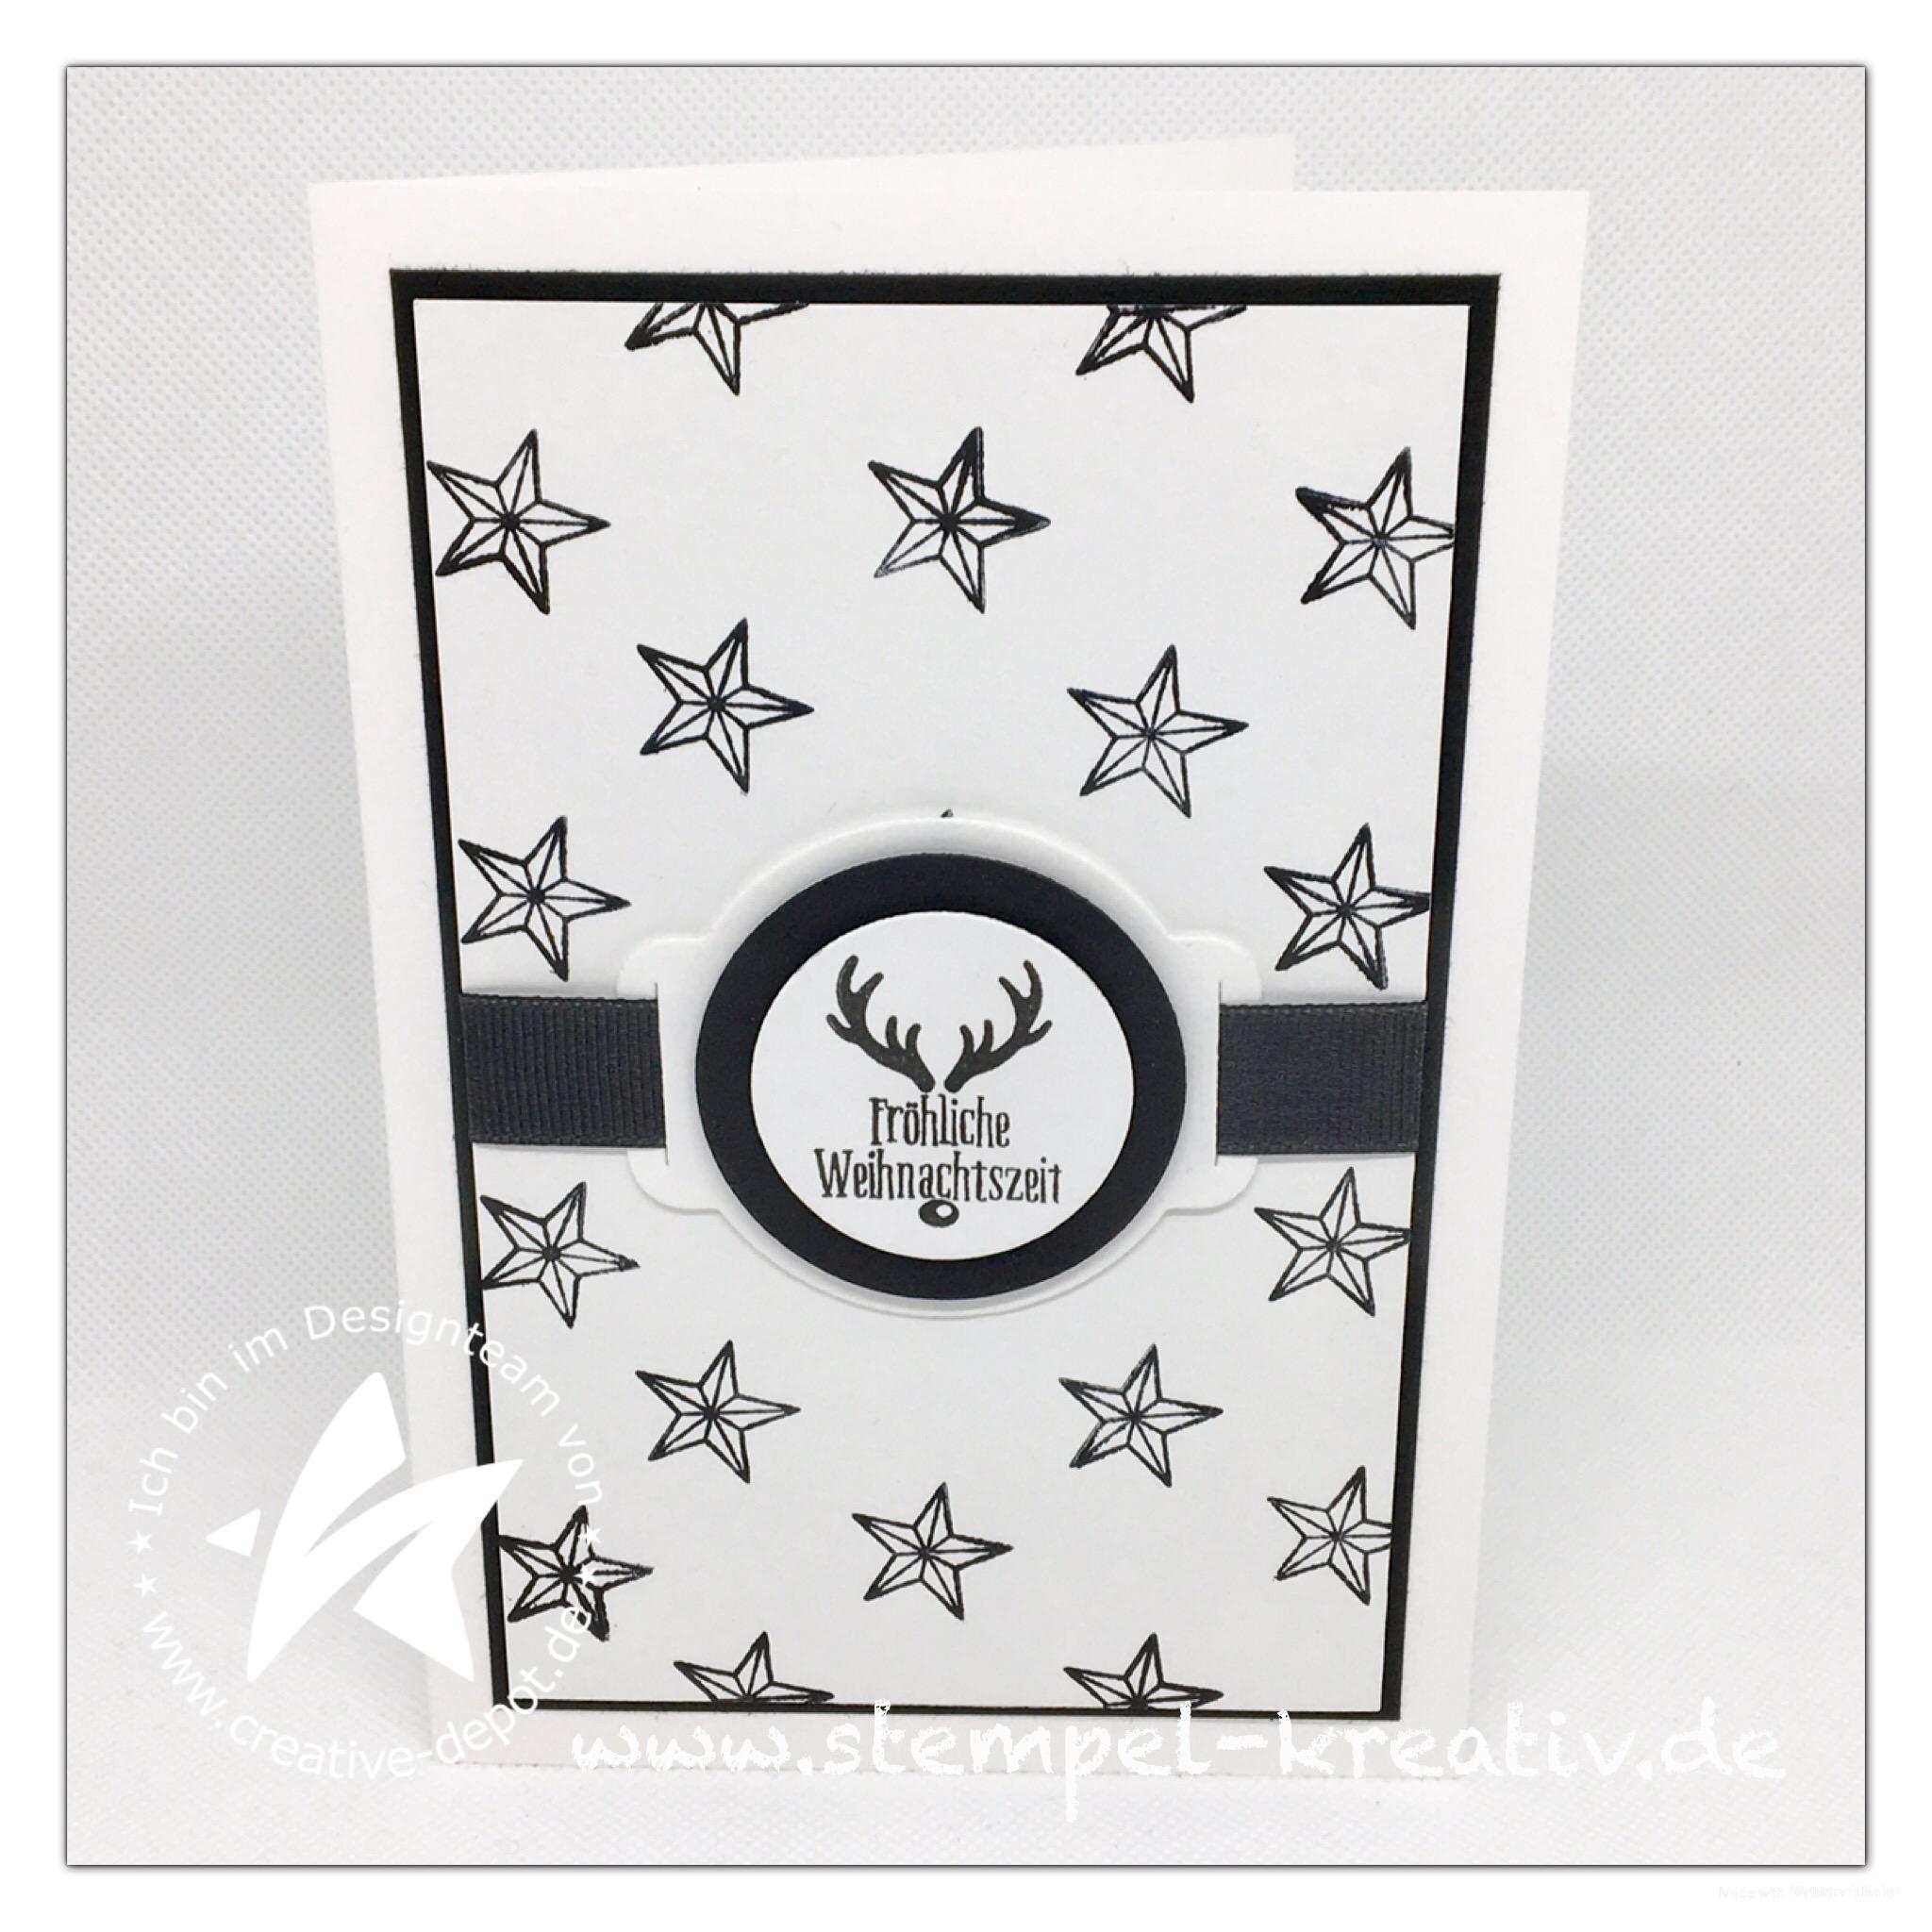 Weihnachtskarte mit Geschenkbandstanze und Weihnachtskreise